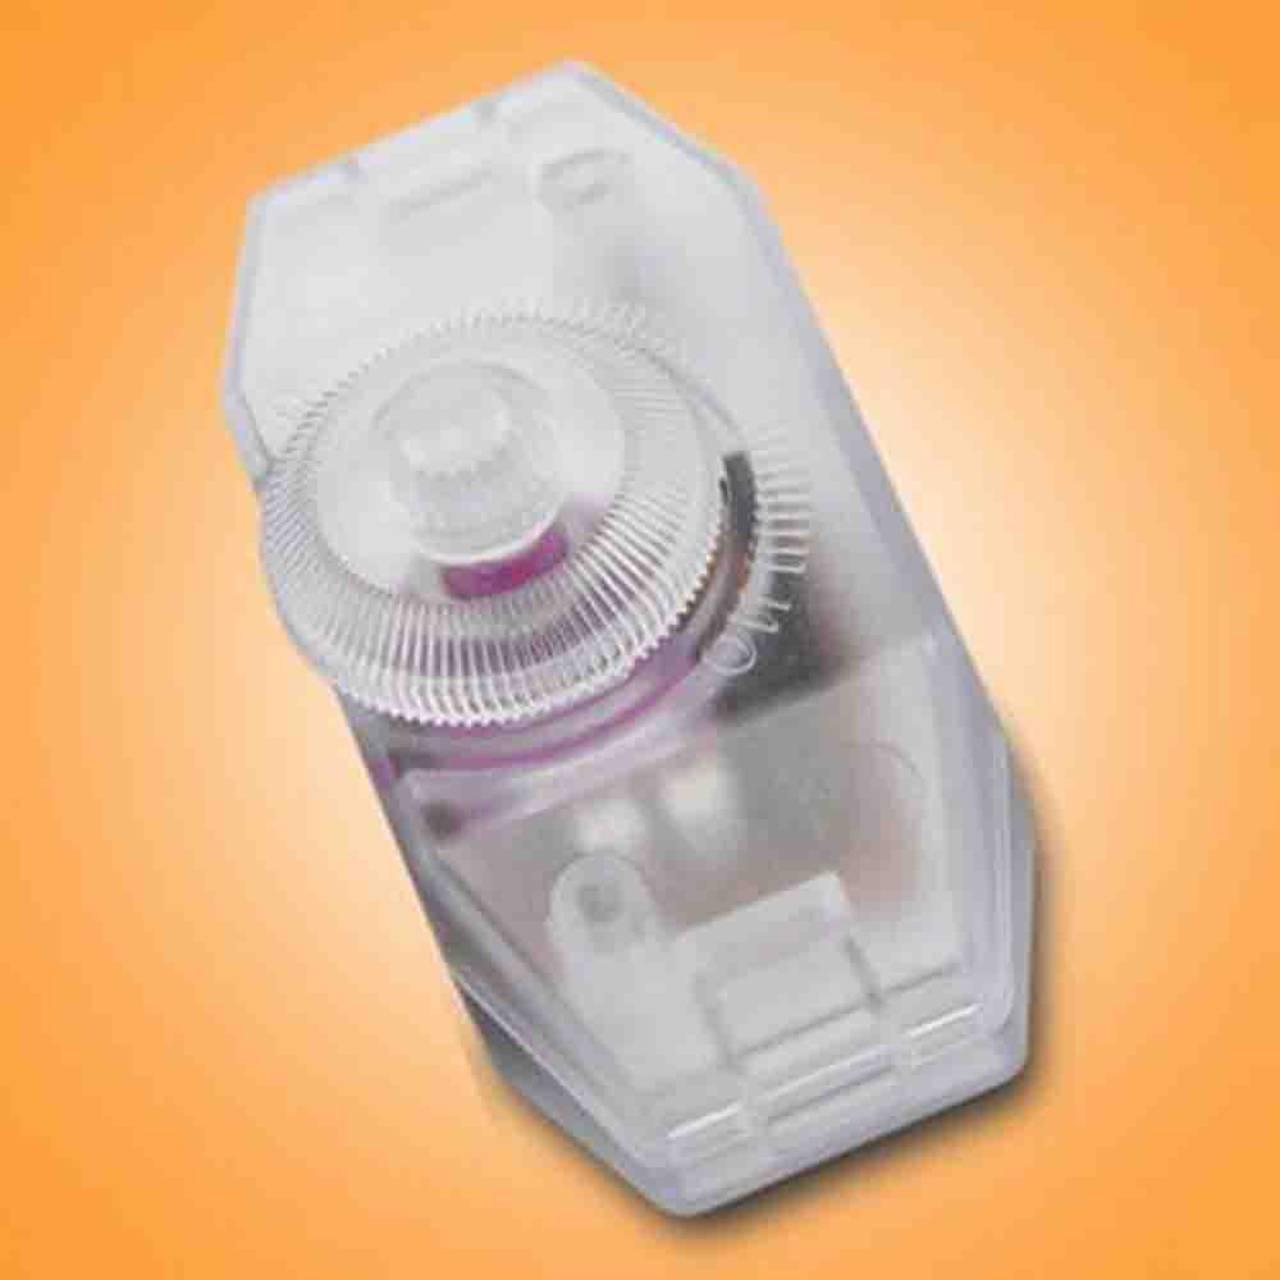 Stmievač určený pre stmievanie a spínanie svietidiel a žiaroviek s plynulým riadením intenzity osvetlenia. 110 - 250V